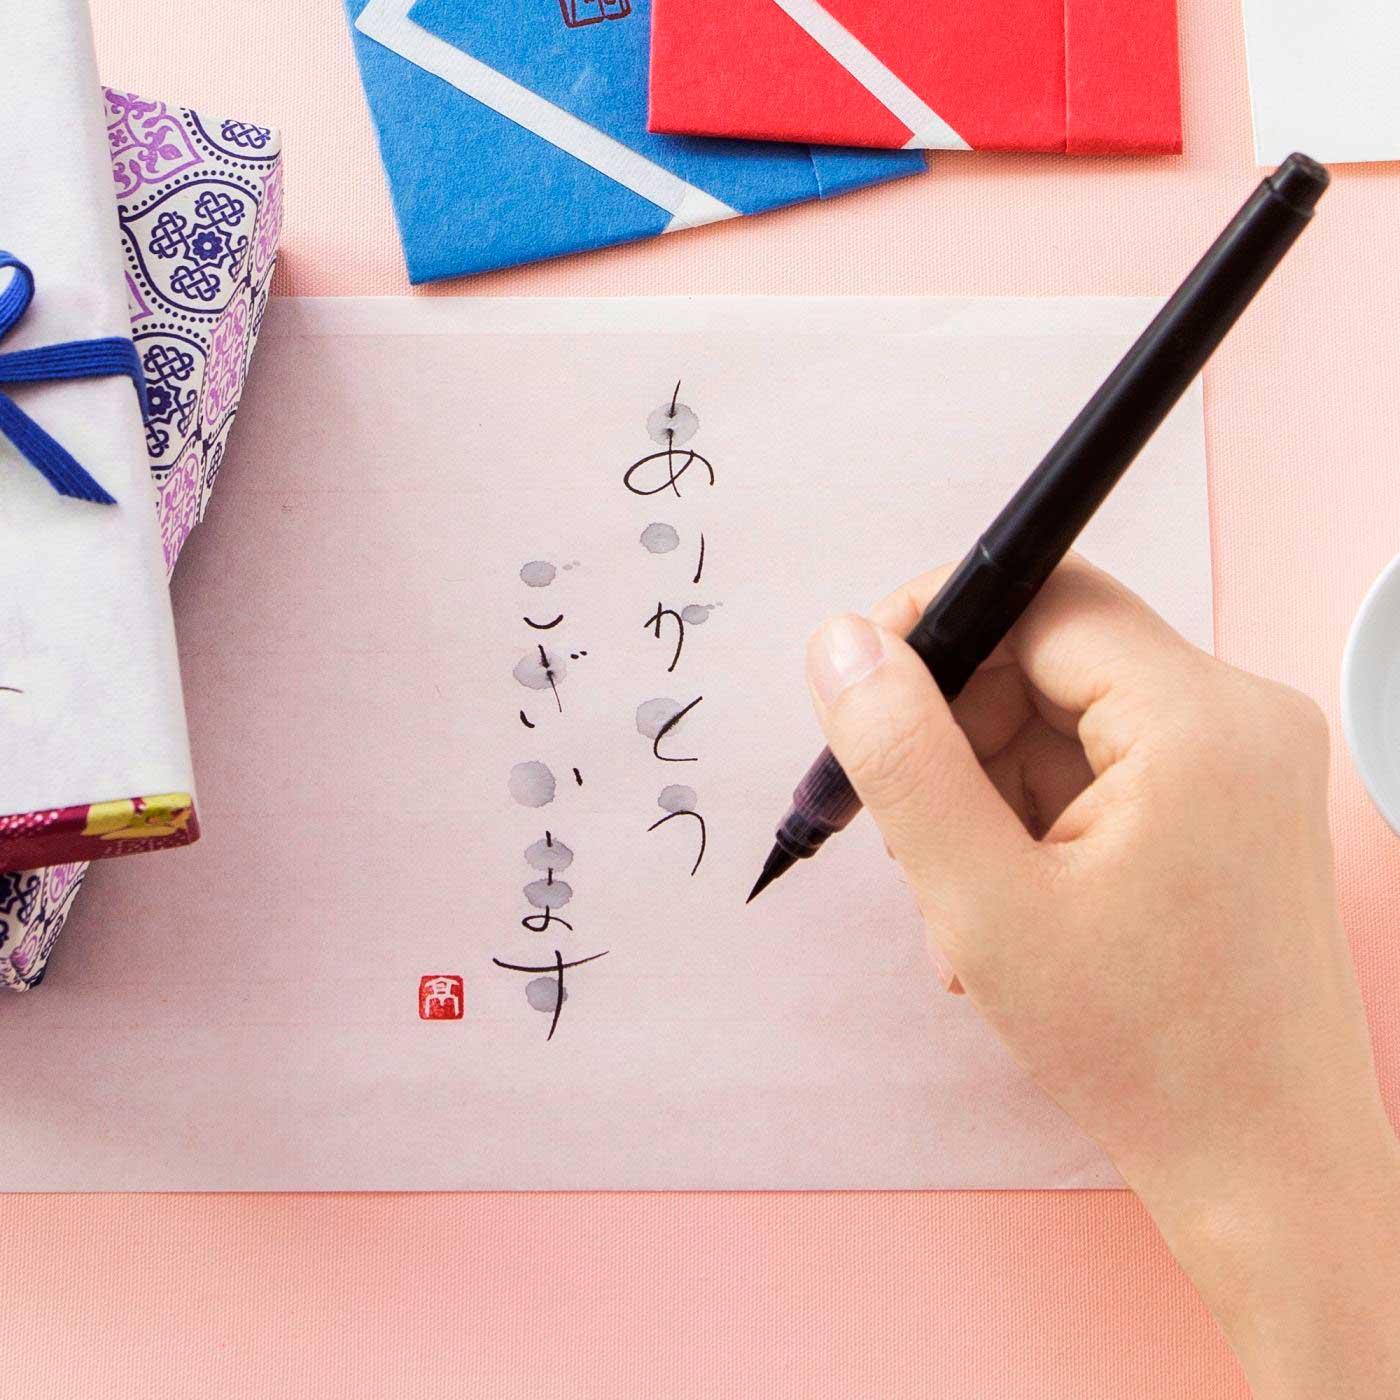 書家・高砂京子さんが選びに選びぬいた半紙。一般の文具店では取り扱いのない貴重な半紙。